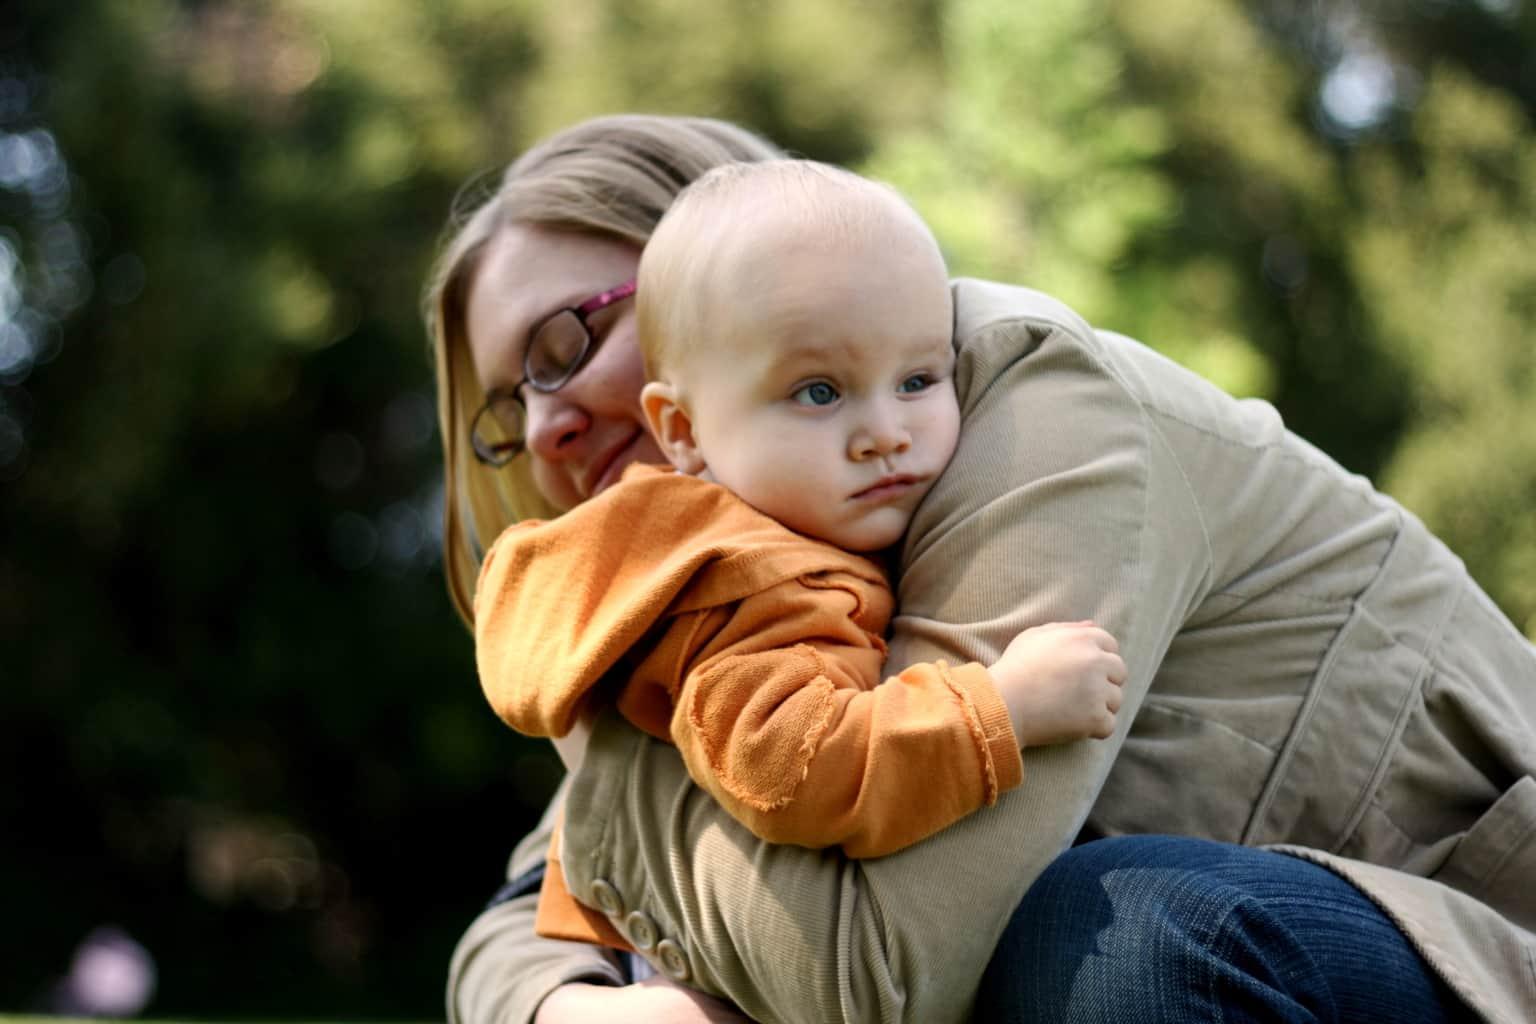 A világon egyedülálló intézkedés mintegy 40 ezer édesanyát érint - írta az Emmi.